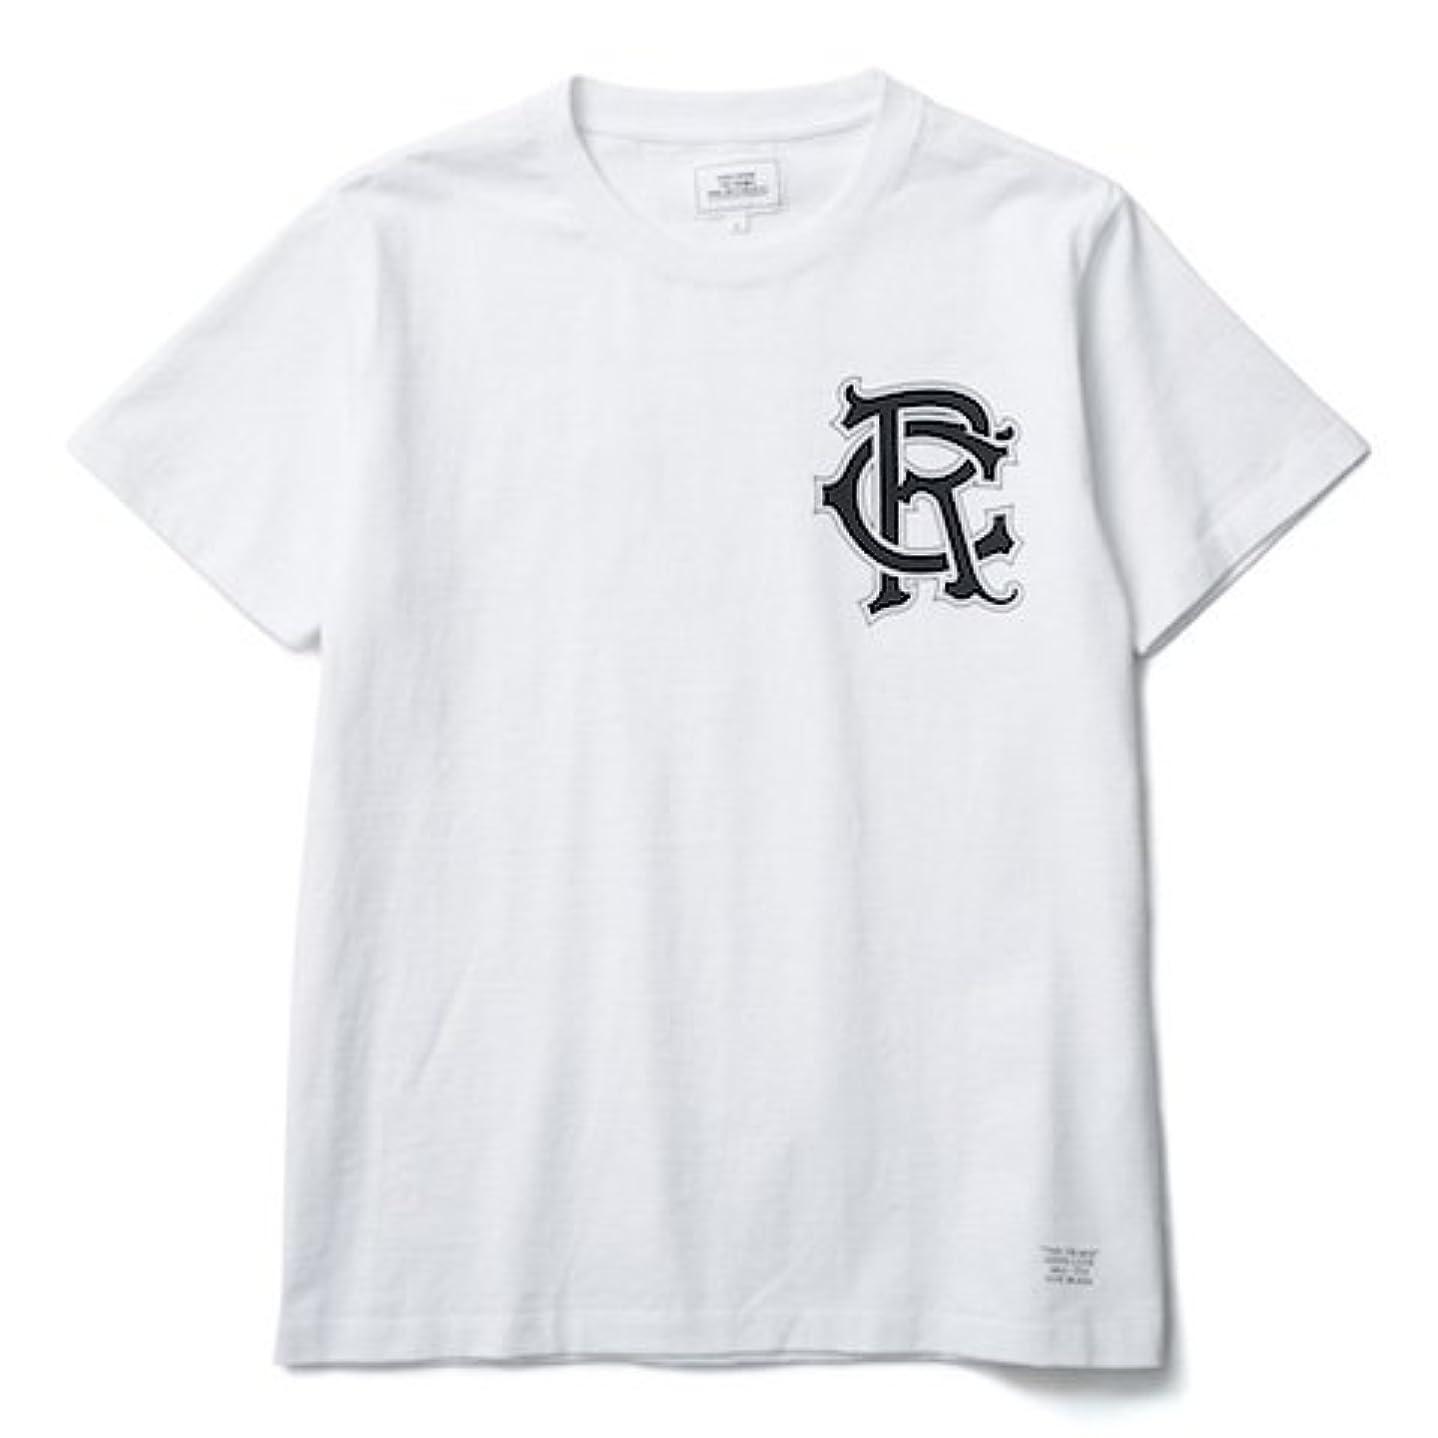 ファッション一貫性のない一過性(クライミー) CRIMIE CR CREW NECK SHORT SLEEVE T-SHIRT Tシャツ